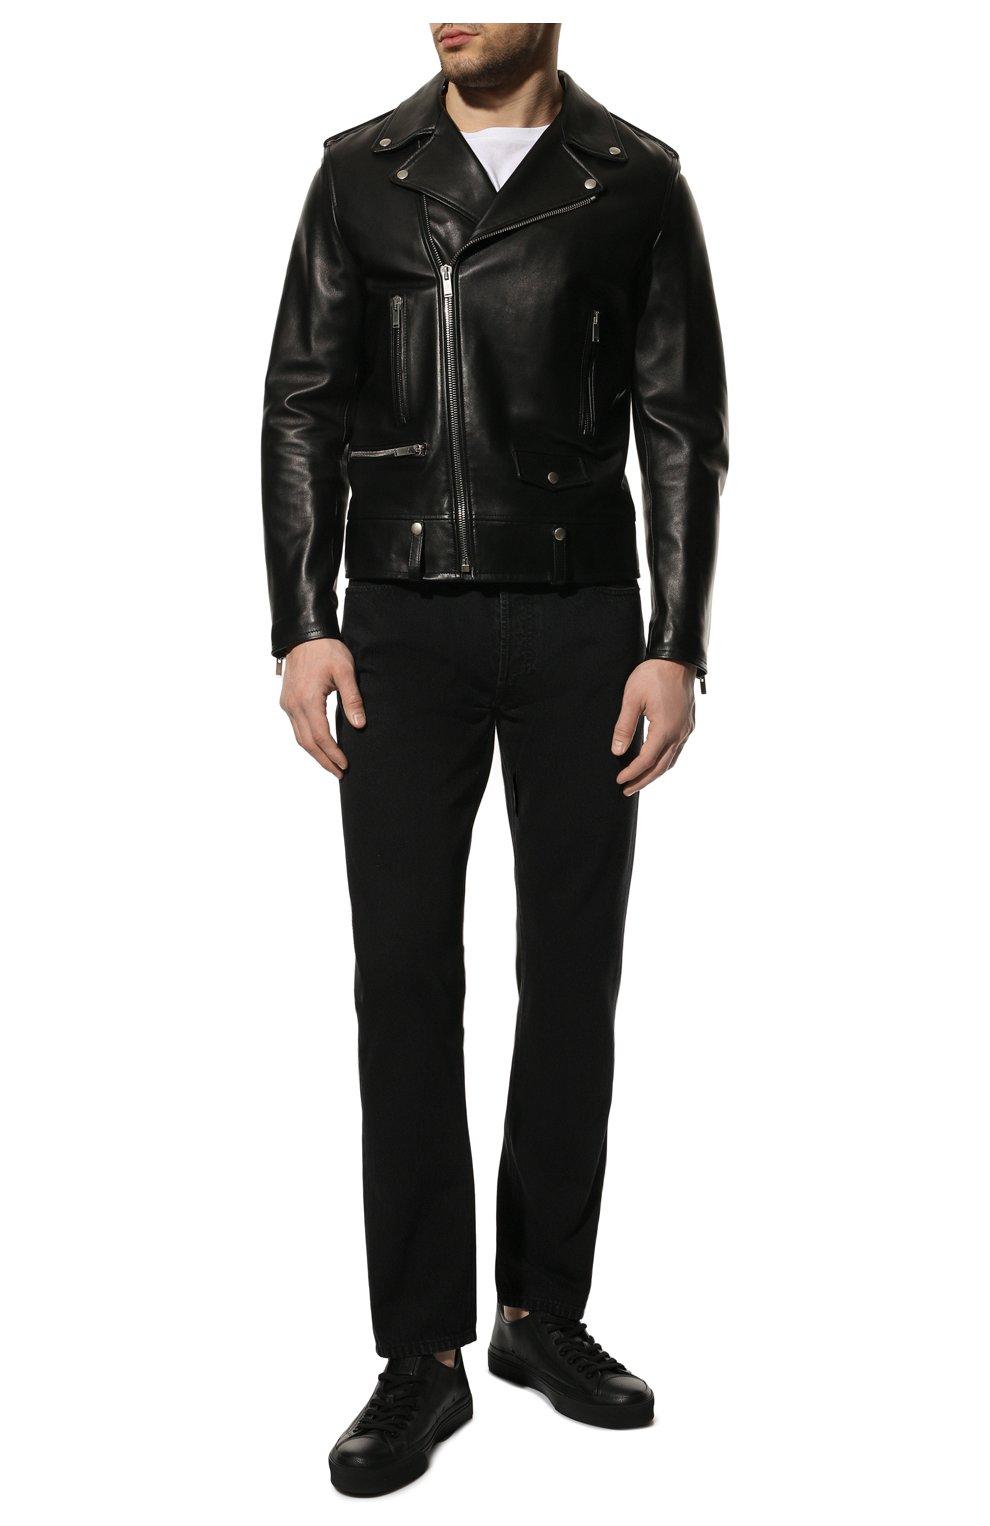 Мужская кожаная куртка SAINT LAURENT черного цвета, арт. 484284/Y5YA2 | Фото 2 (Кросс-КТ: Куртка; Рукава: Длинные; Мужское Кросс-КТ: Куртка-верхняя одежда, Верхняя одежда, Кожа и замша; Длина (верхняя одежда): Короткие; Материал подклада: Купро; Статус проверки: Проверена категория)